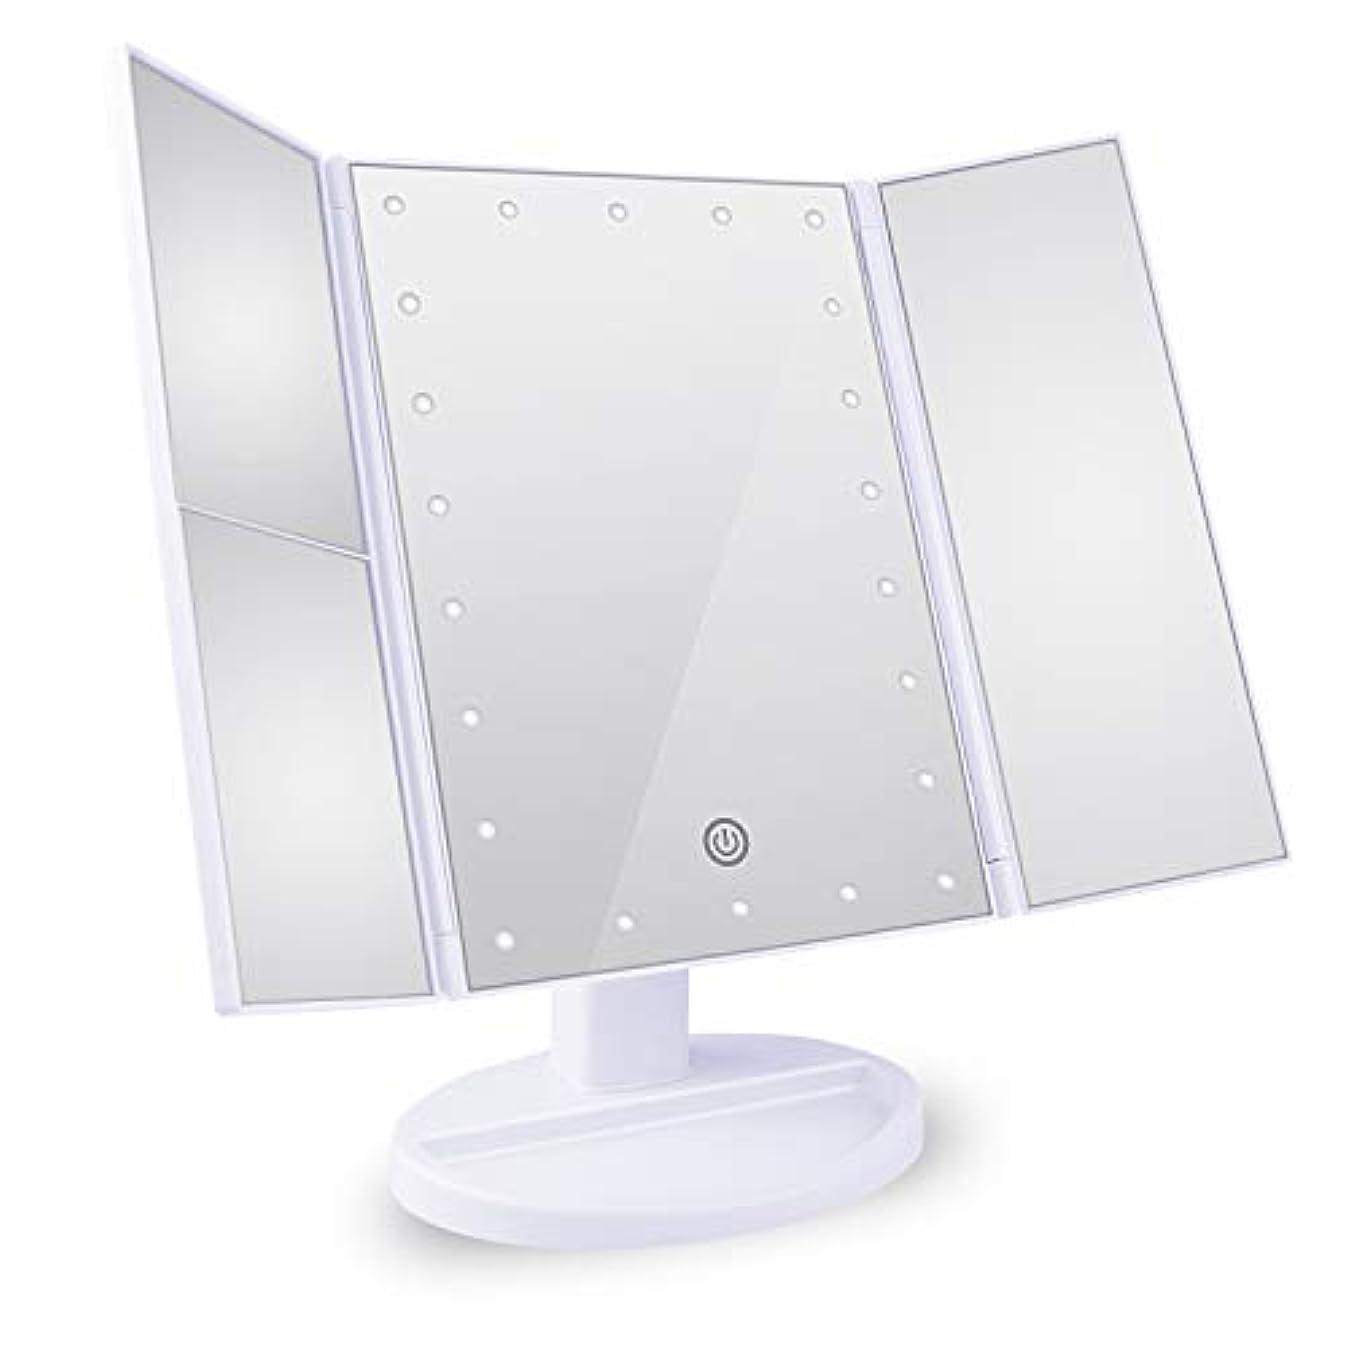 アームストロング十年避難するTree. NB 化粧鏡 卓上鏡 拡大鏡 鏡 メイクミラー 2倍&3倍拡大可能 LEDライトミラー 明るさ調節可能 180°回転 電池&USB 2WAY給電